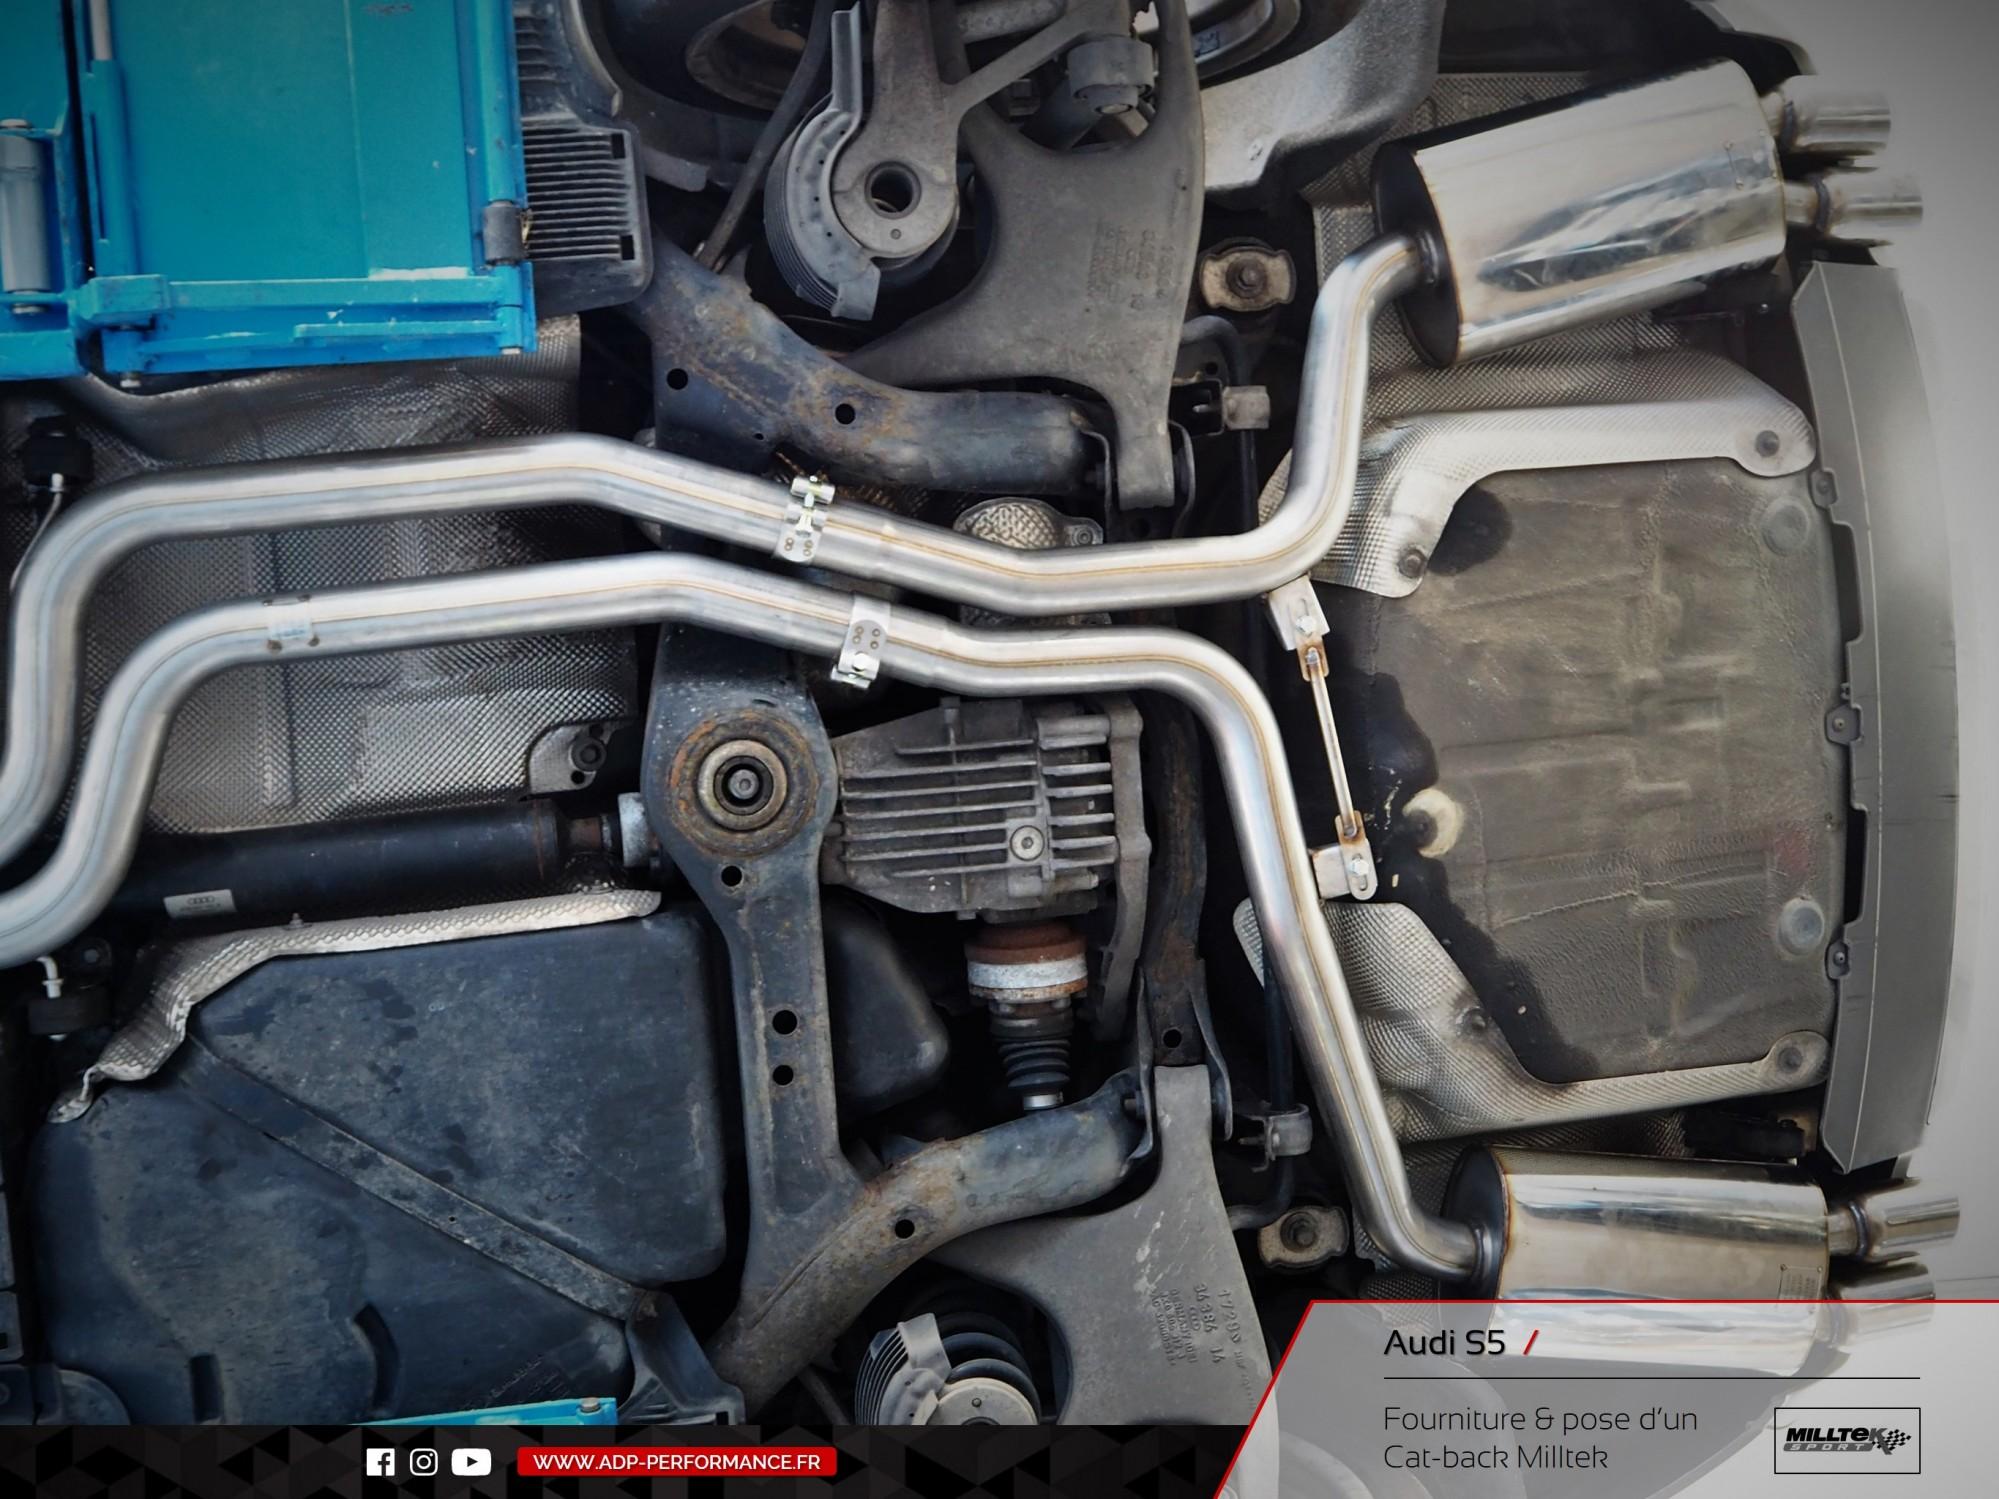 Ligne d'échappement Cat-back Milltek Audi S5 Avignon - ADP Performance